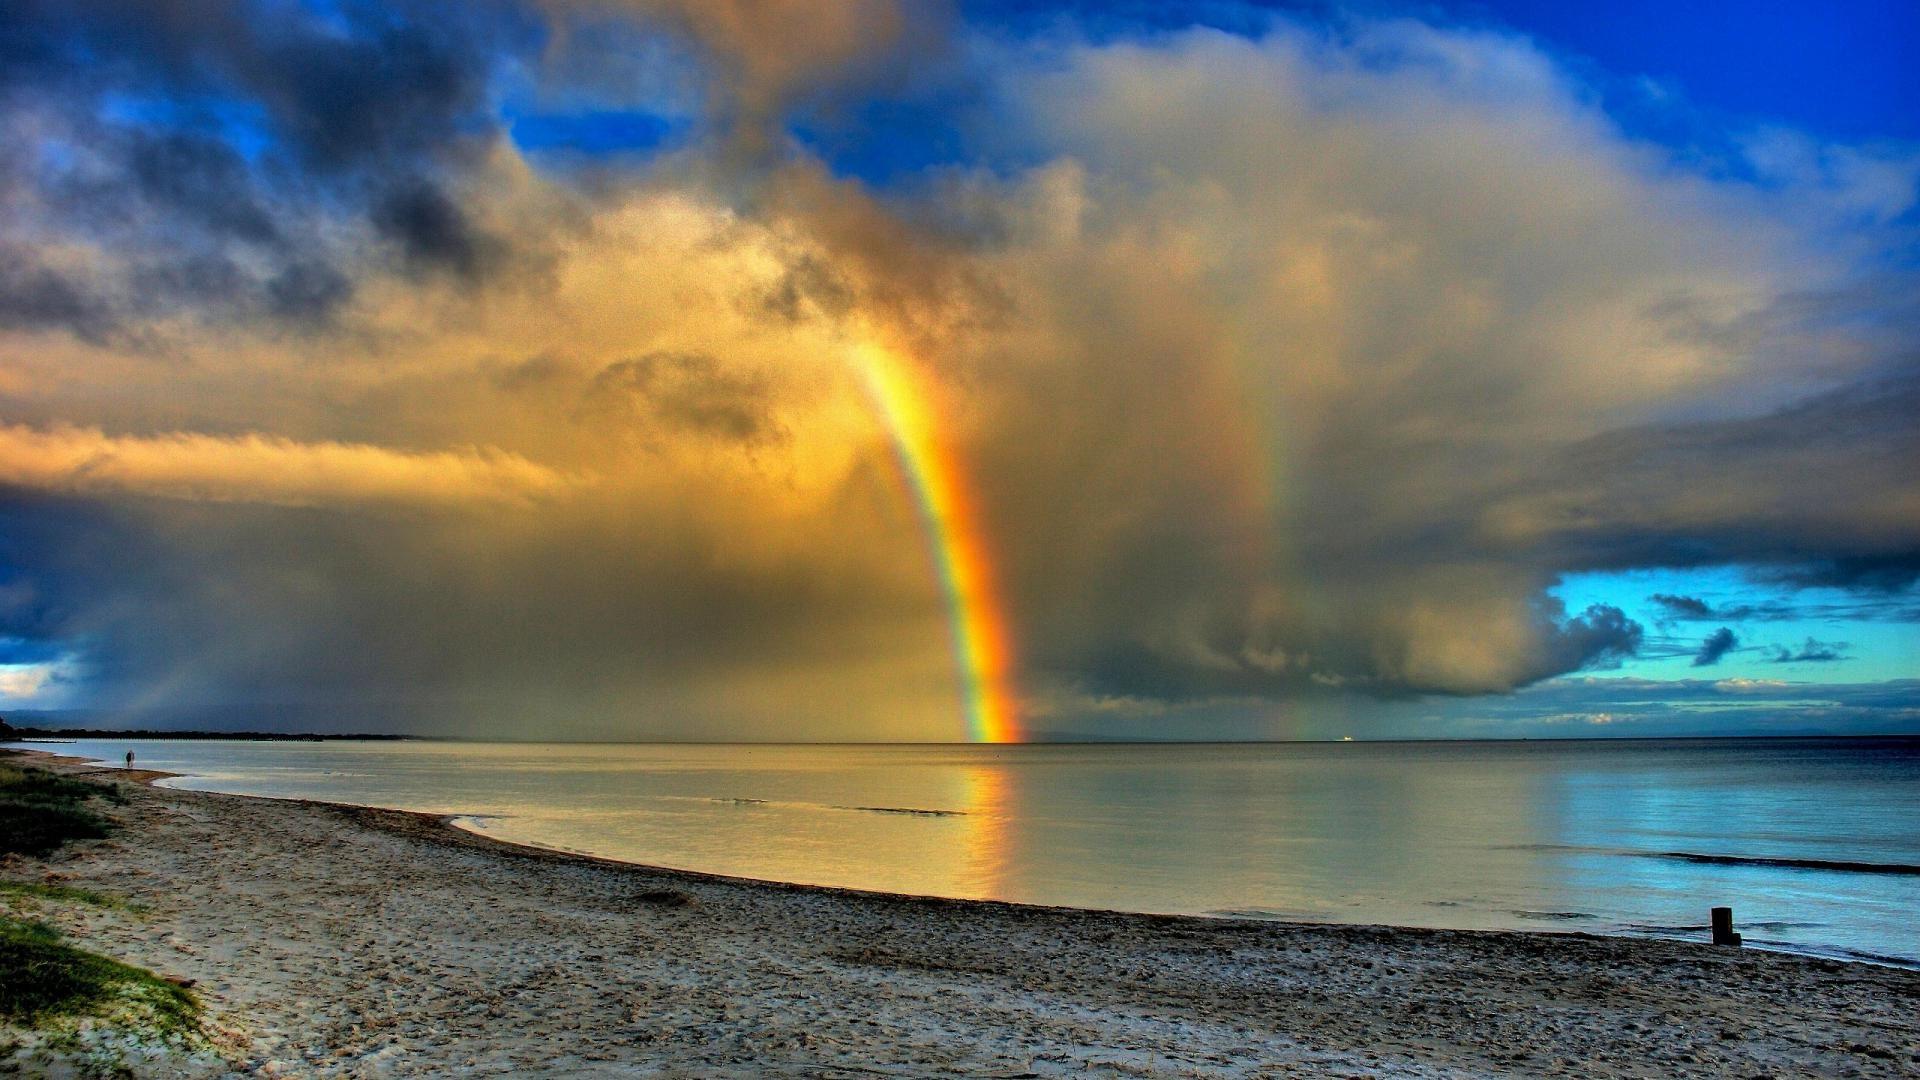 Ocean Waves Iphone Wallpaper Free Download Rainbow Backgrounds Pixelstalk Net